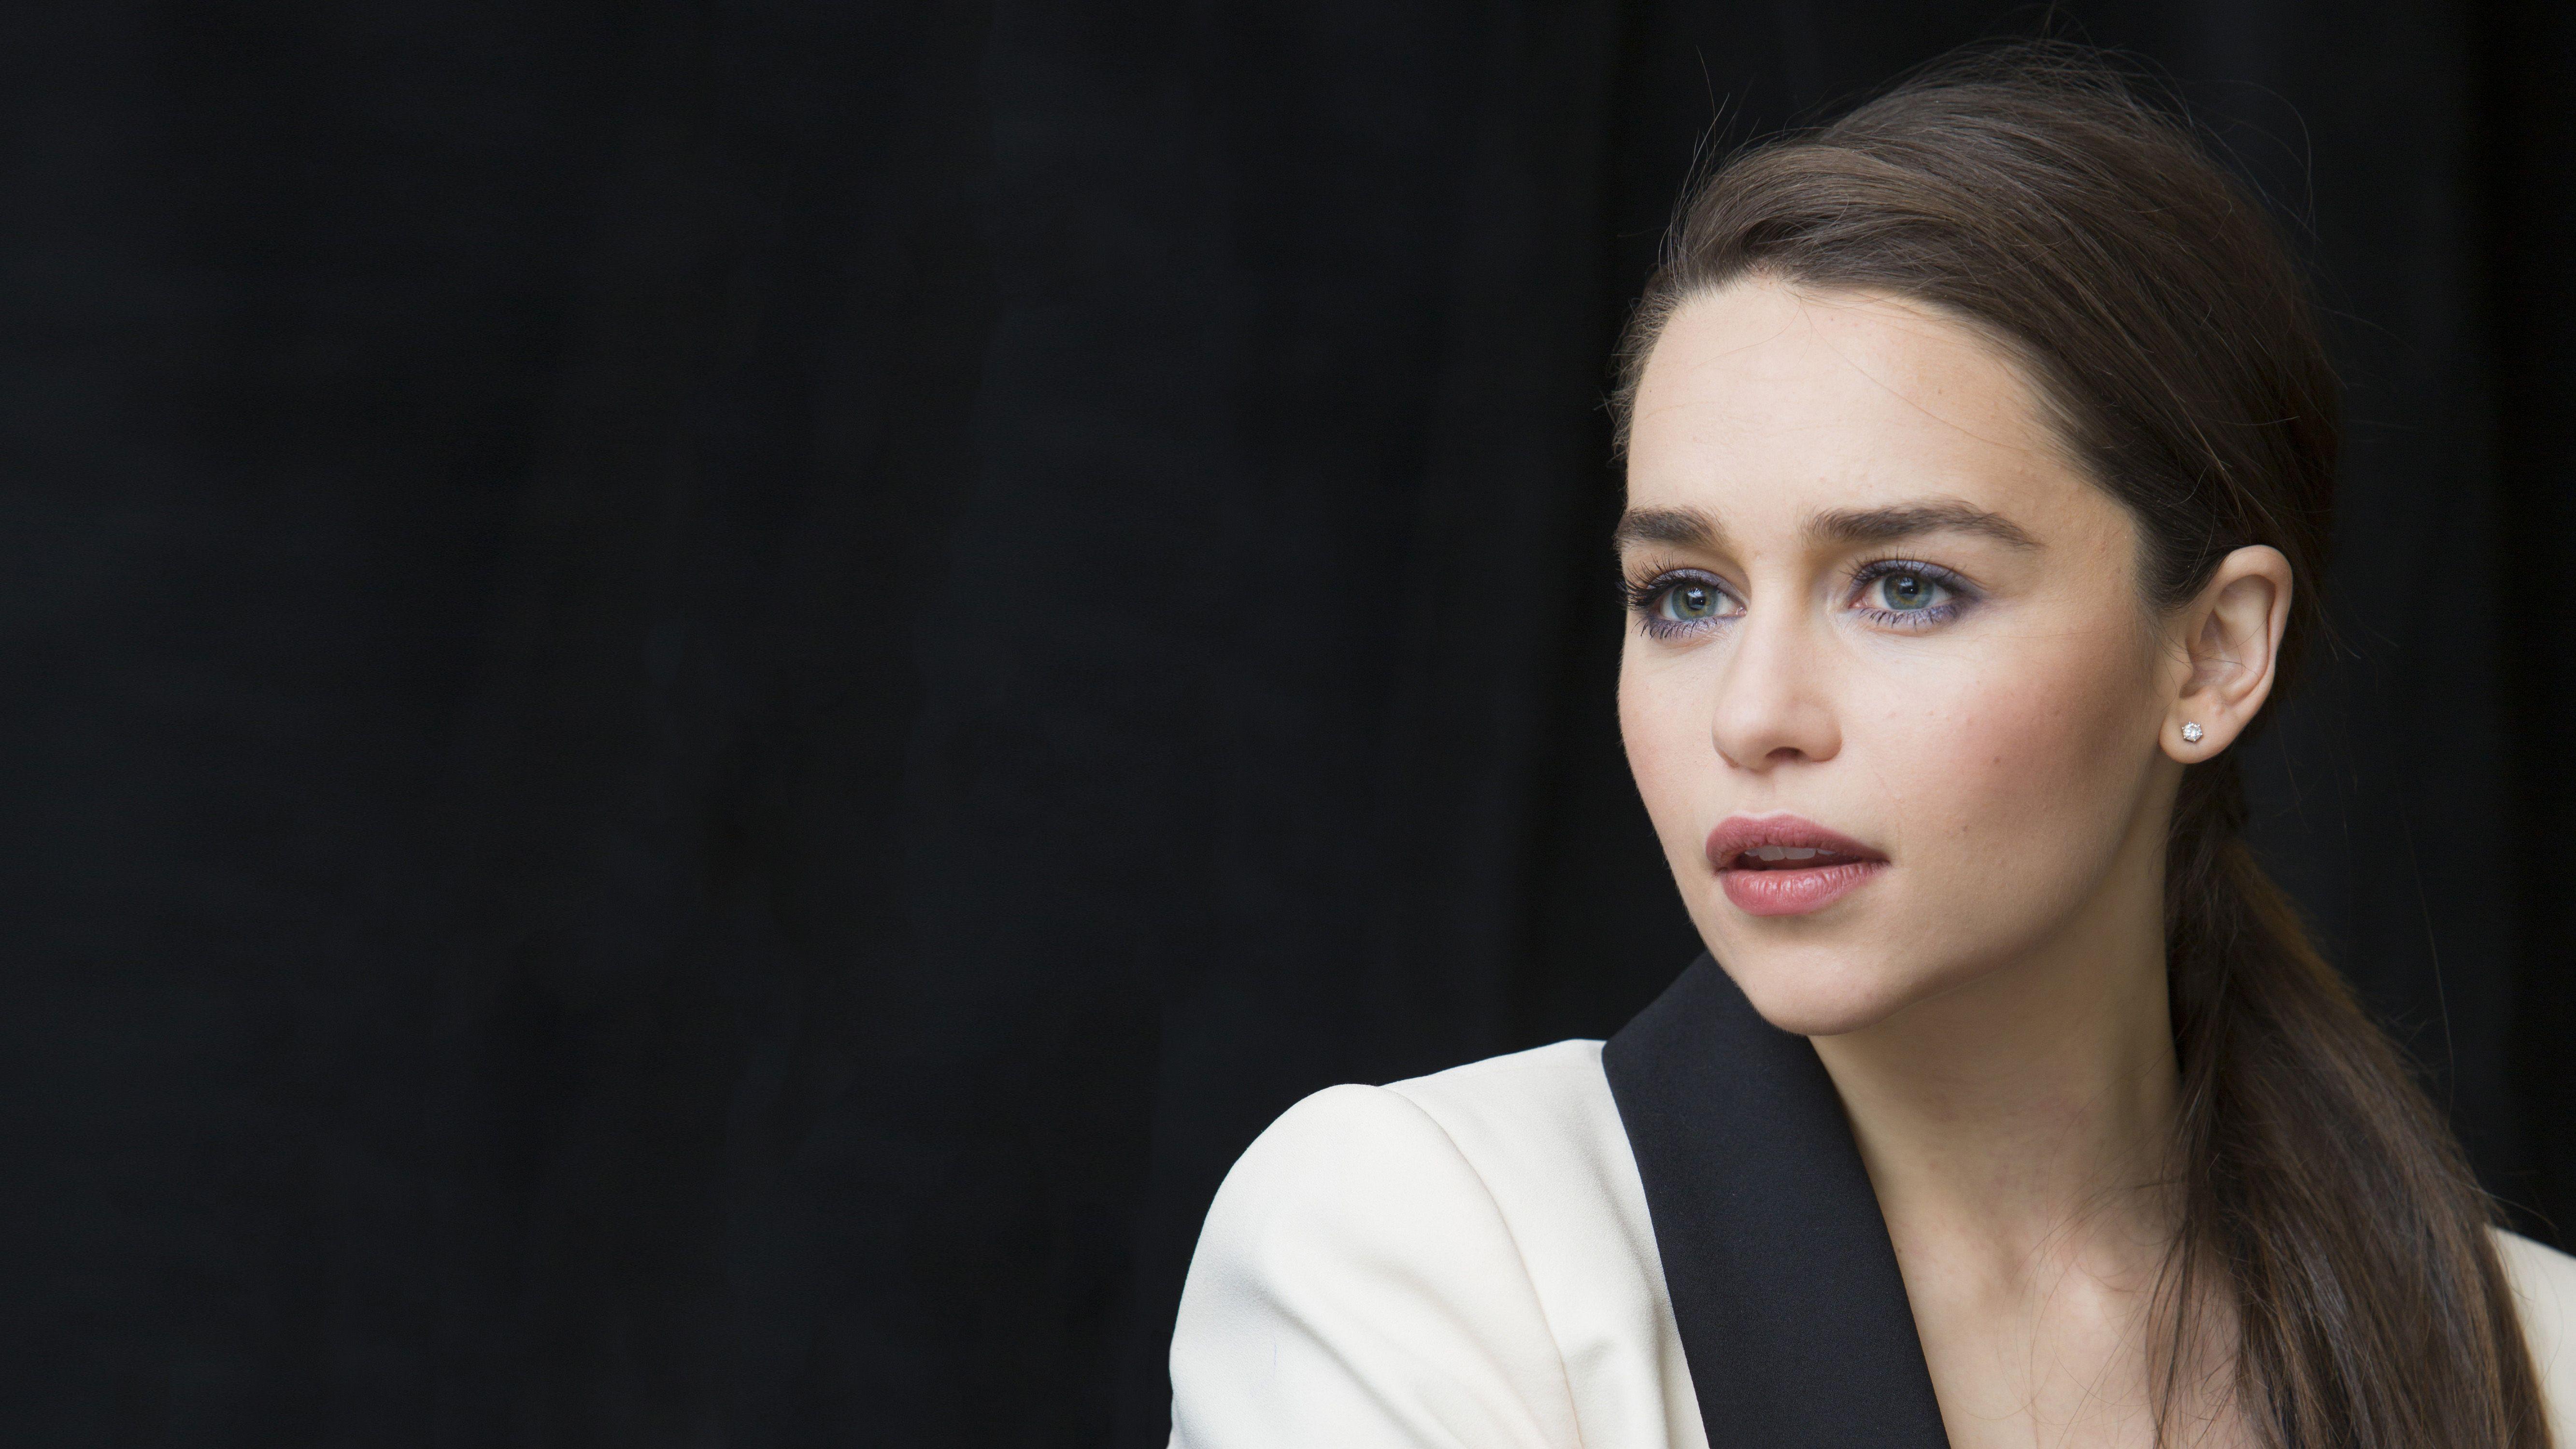 Emilia Clarke 2017 | Celebrities HD 4k Wallpapers